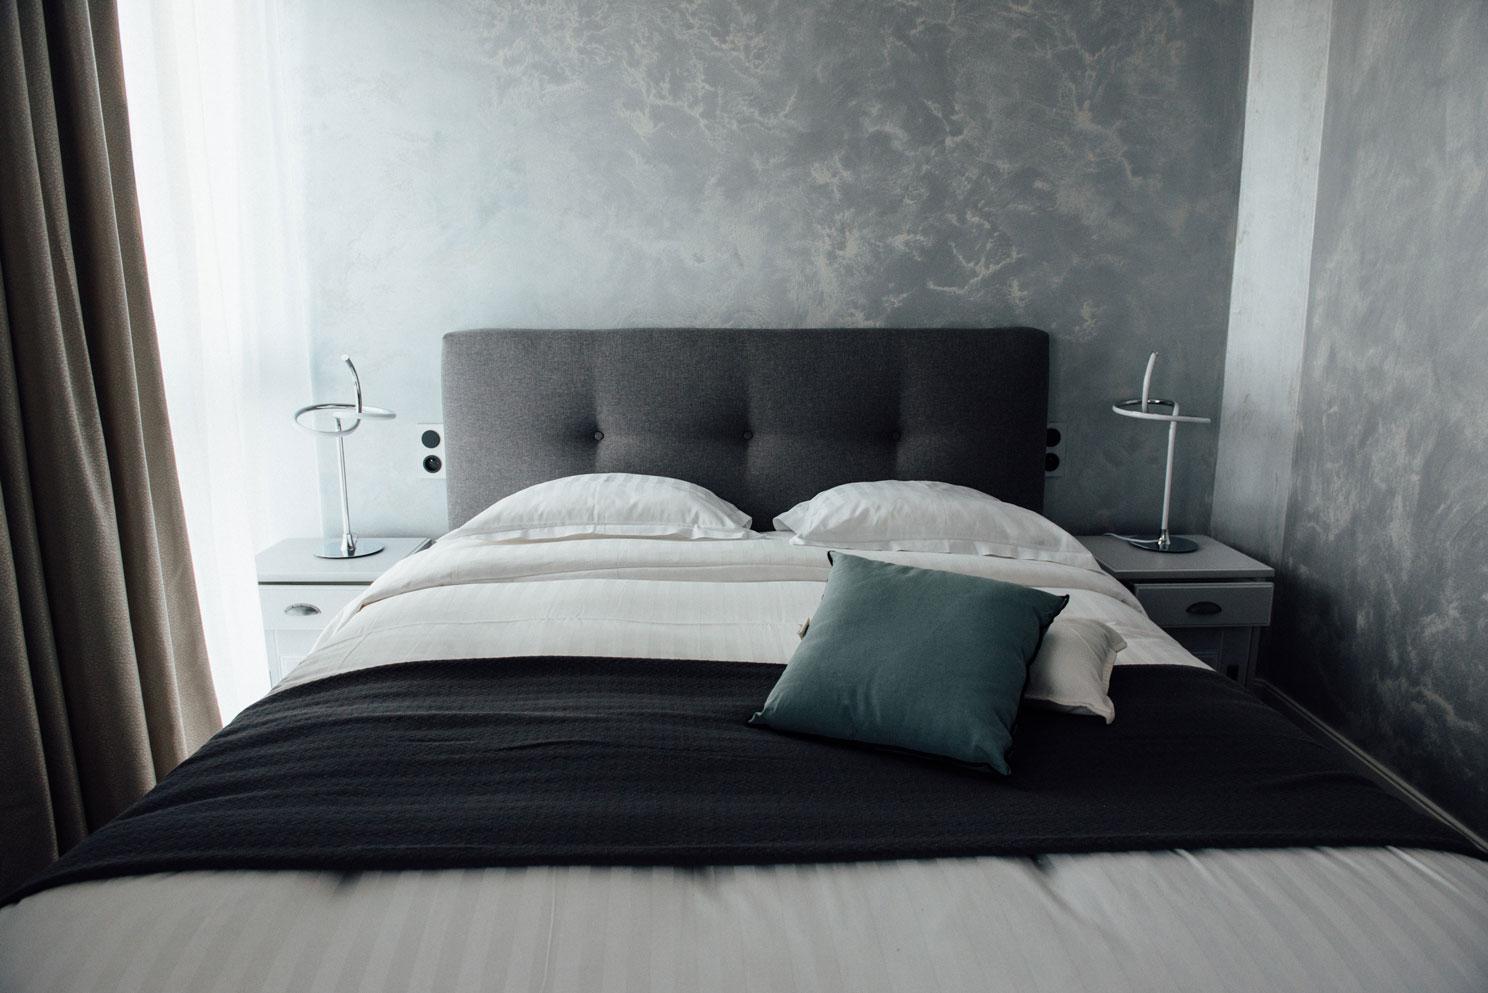 Chambre standard lit éléctrique 2 places | Amirauté Hôtel La Baule